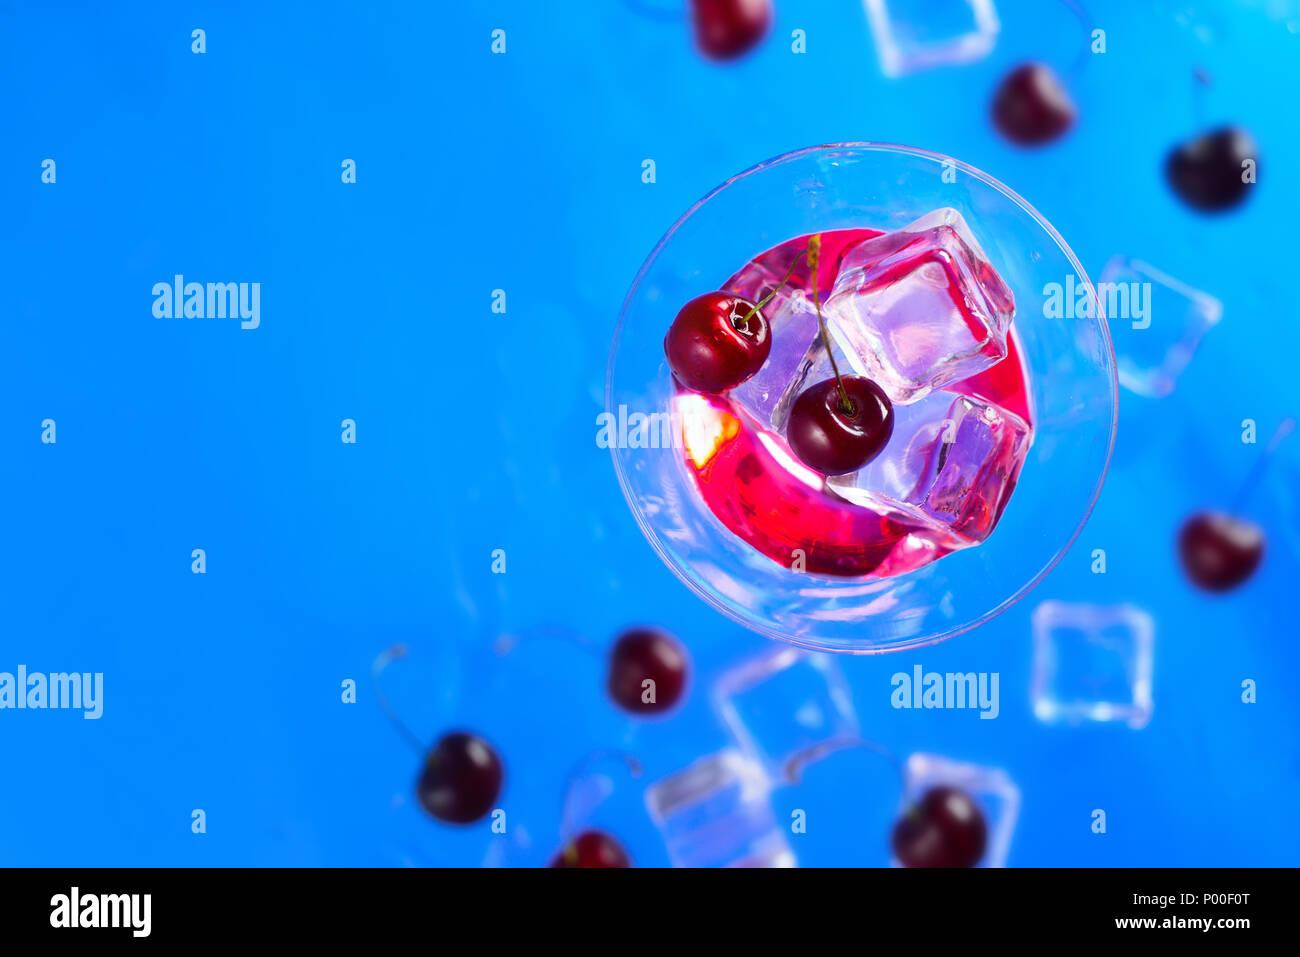 Cherry Likör cocktail Glas von oben auf blauem Hintergrund. Erfrischenden kalten Getränk flach mit Kopie Raum Stockfoto